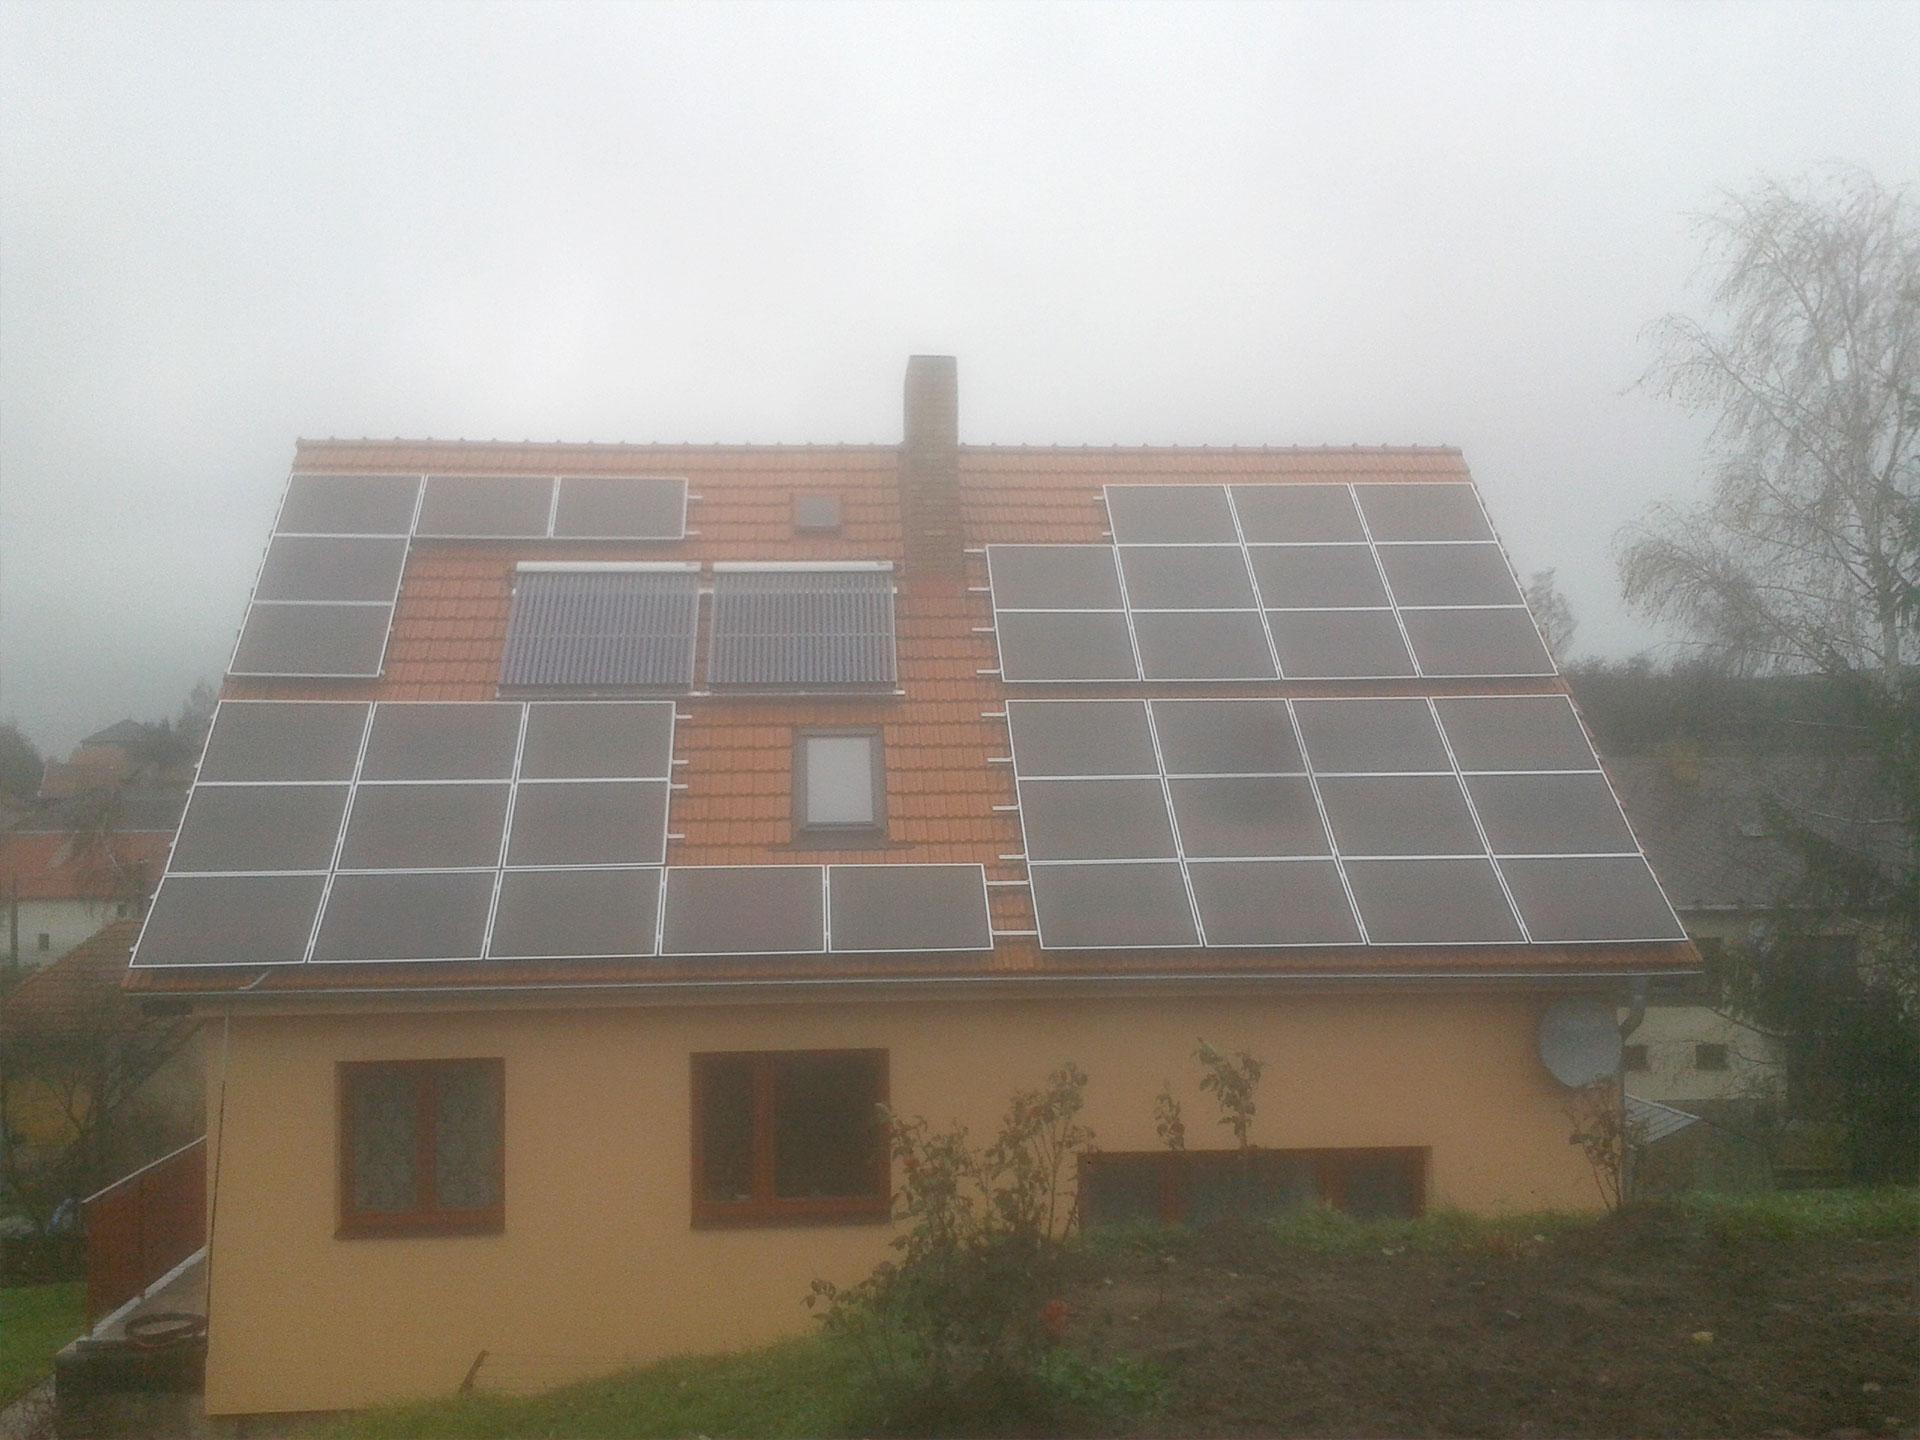 Instalace fotovoltaické elektrárny o výkonu 5 kWp.